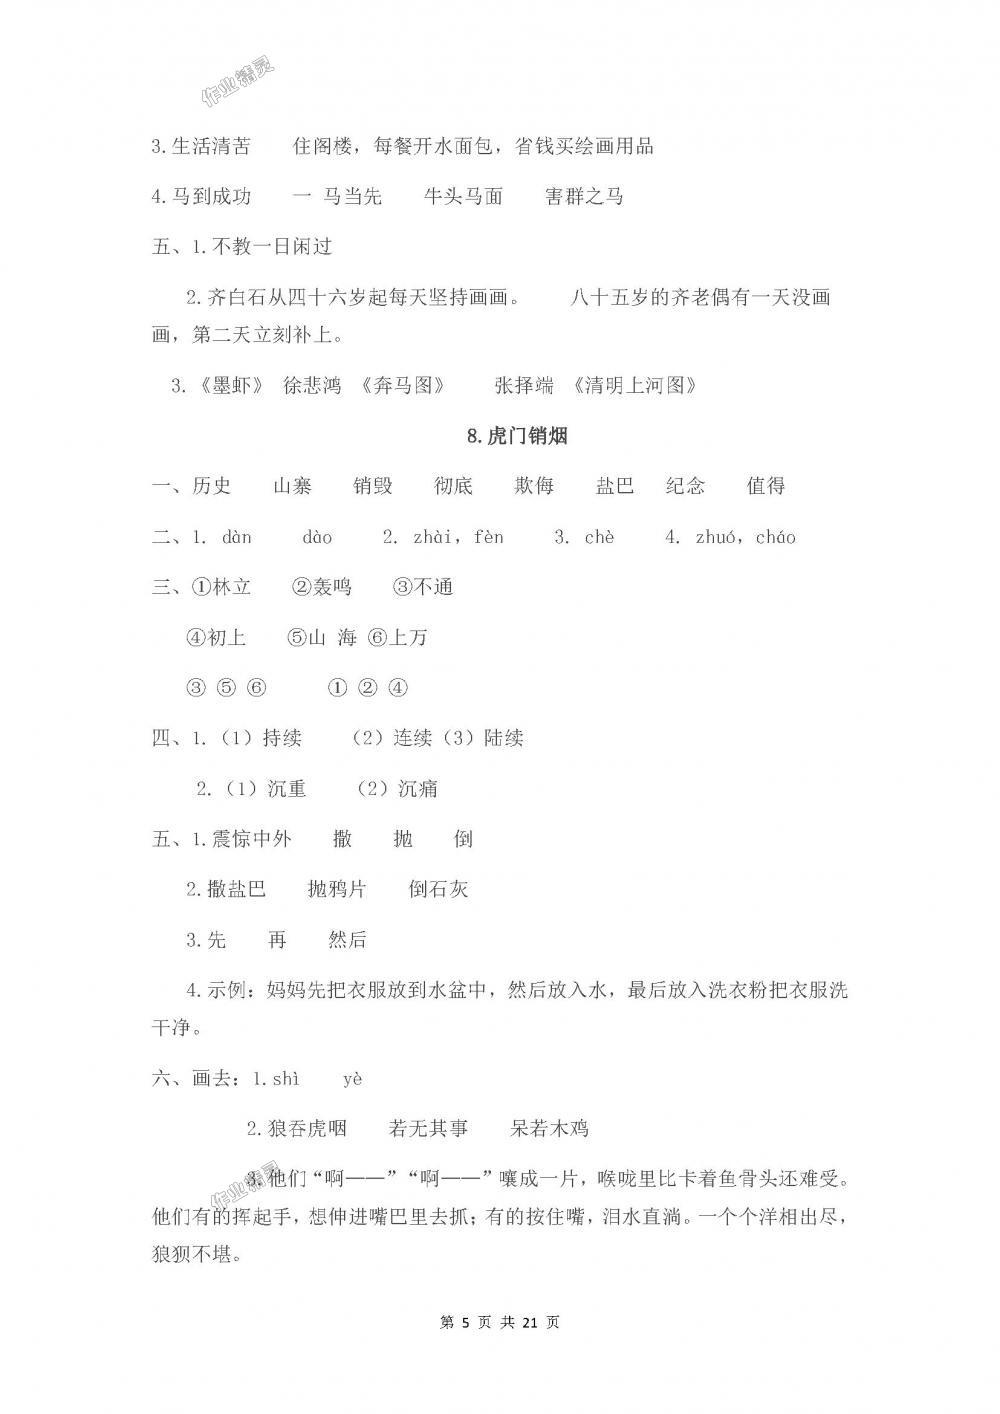 2018年上册练年级小学四答案语文苏教版课课2016划片小学天津图片